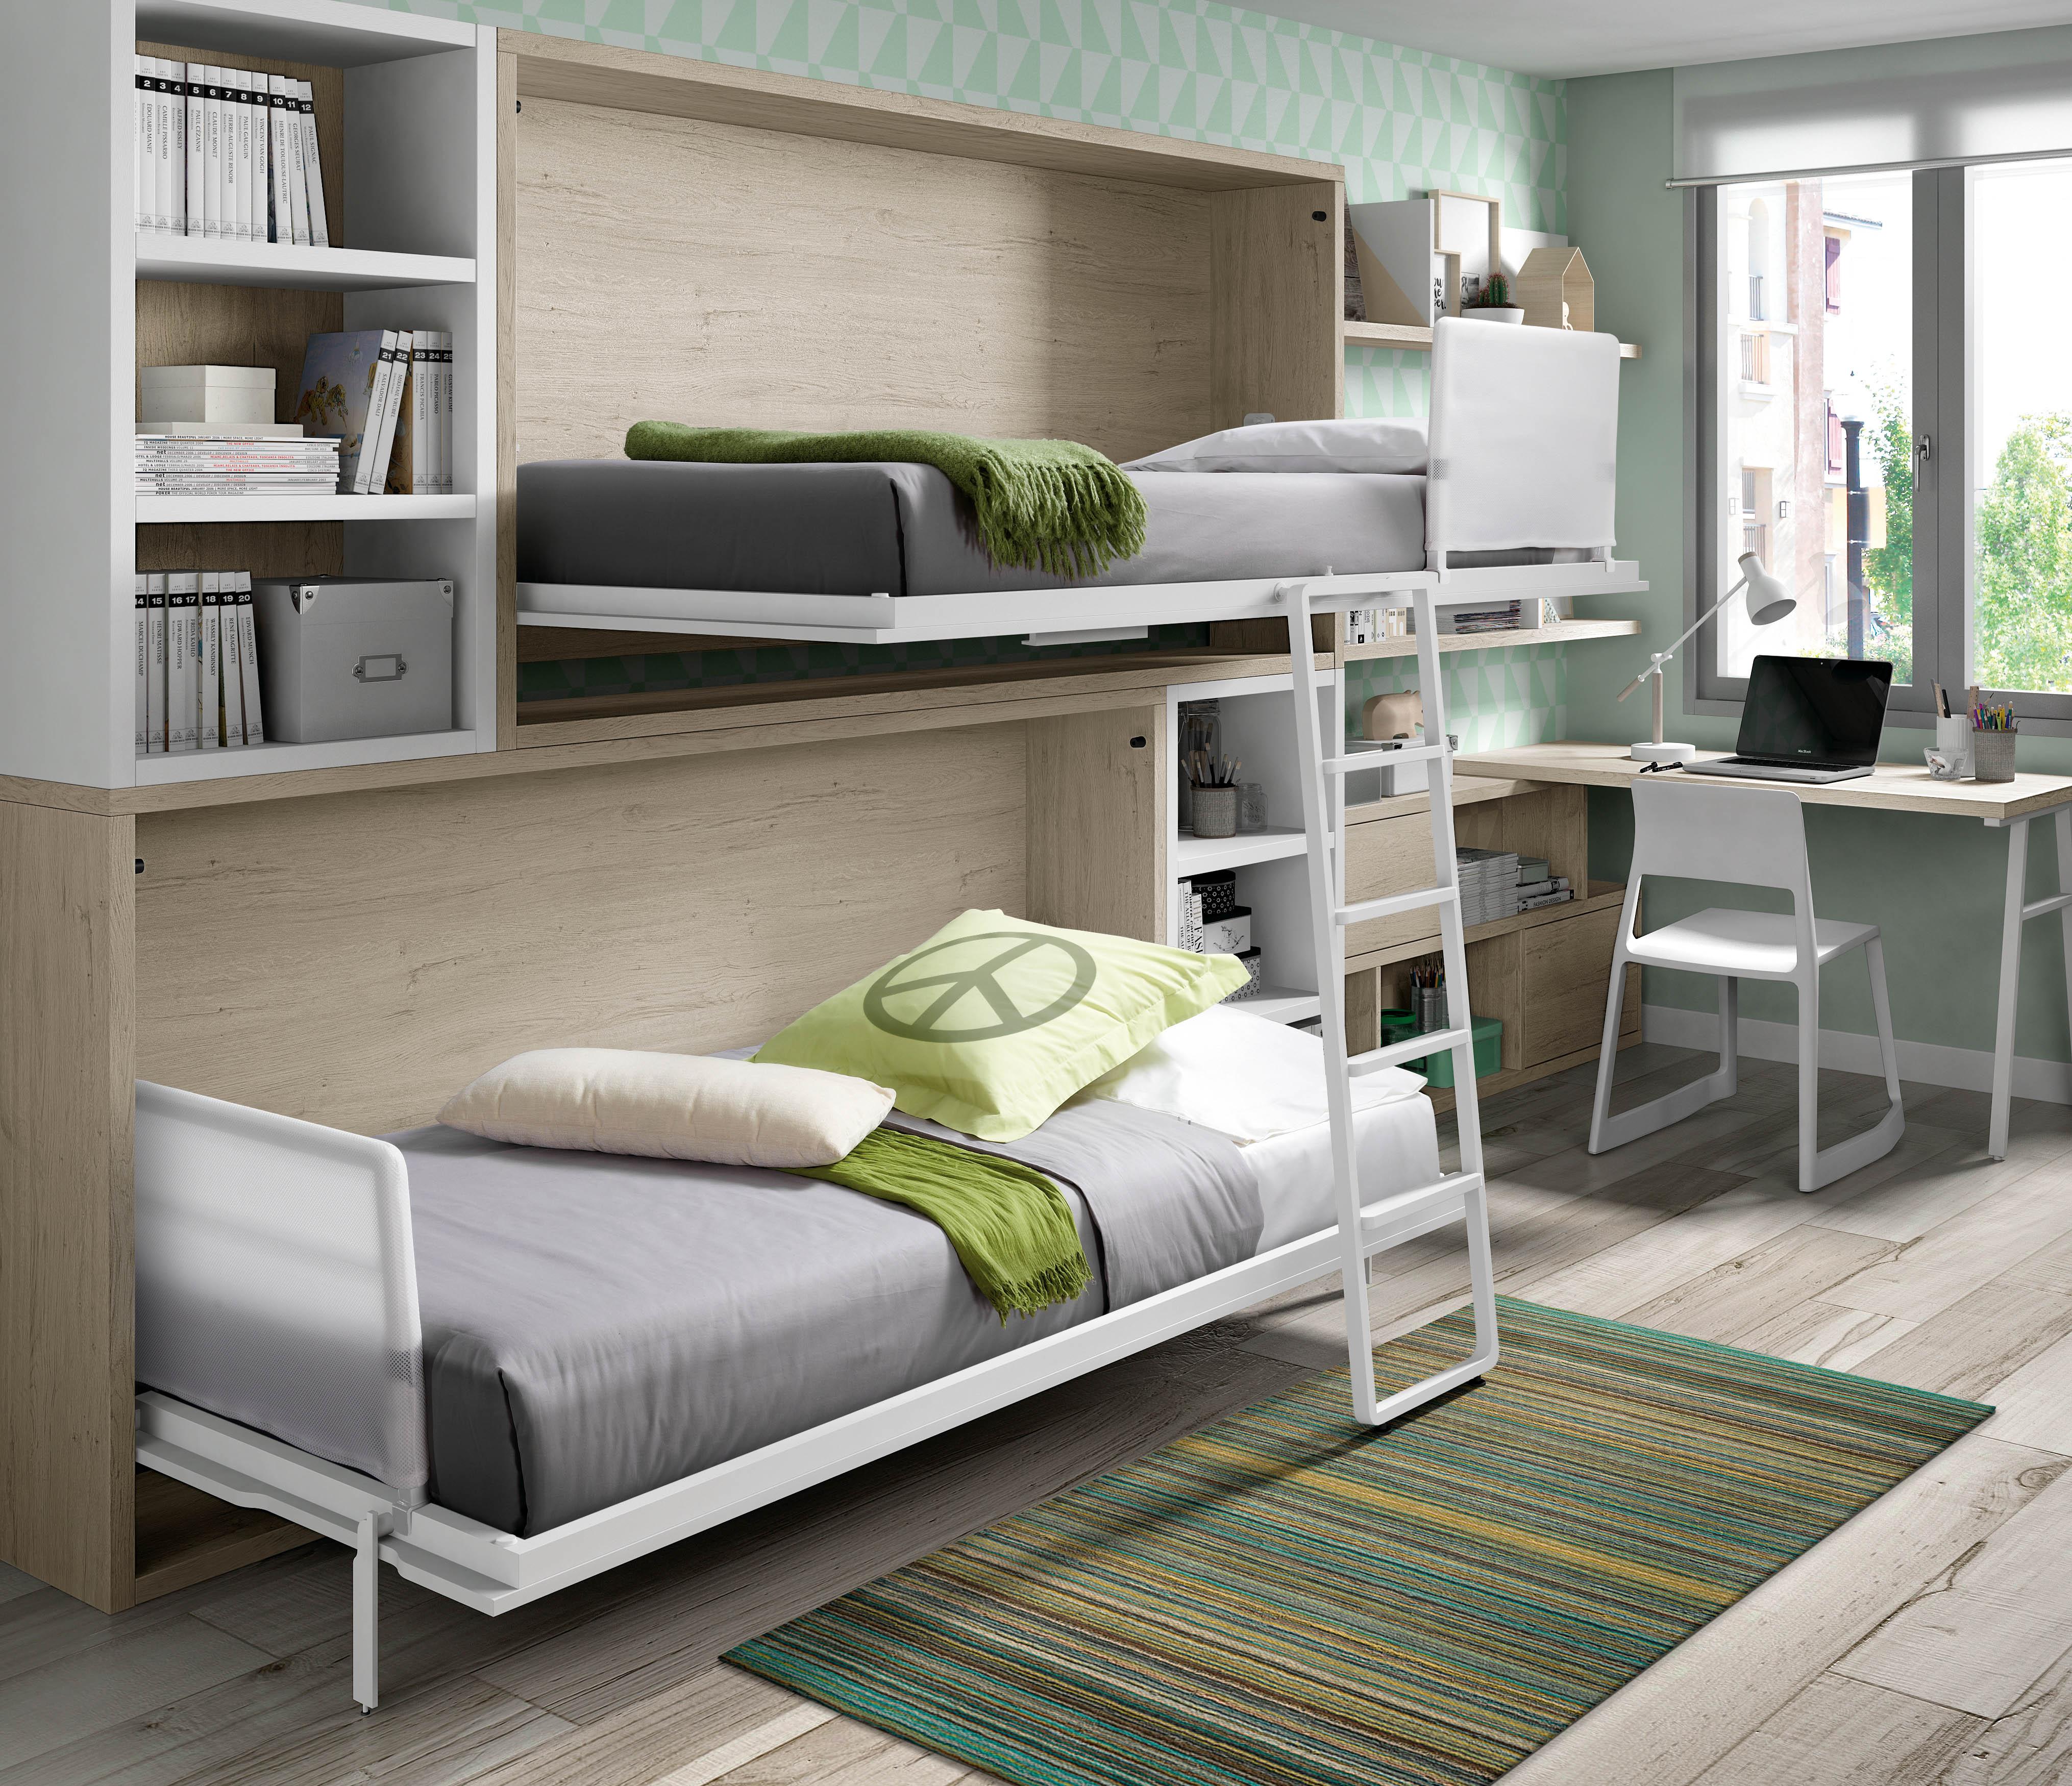 Literas abatibles mueble juvenil literas abatibles for Mueble juvenil cama abatible